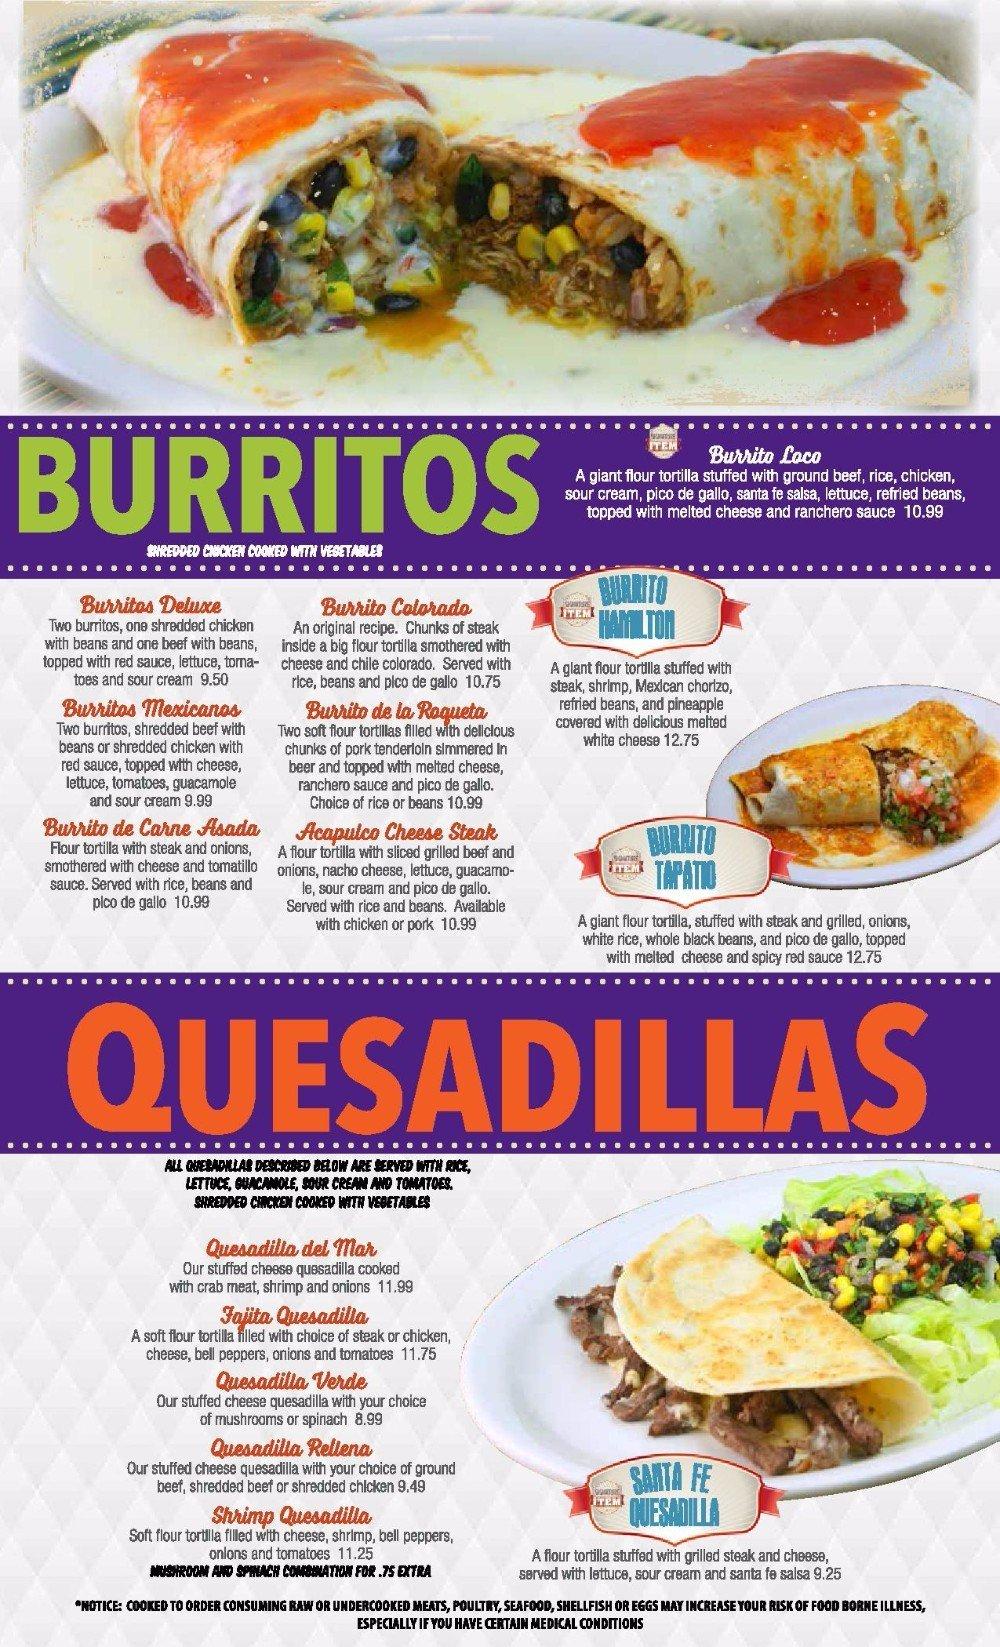 Burritos and Quesadillas